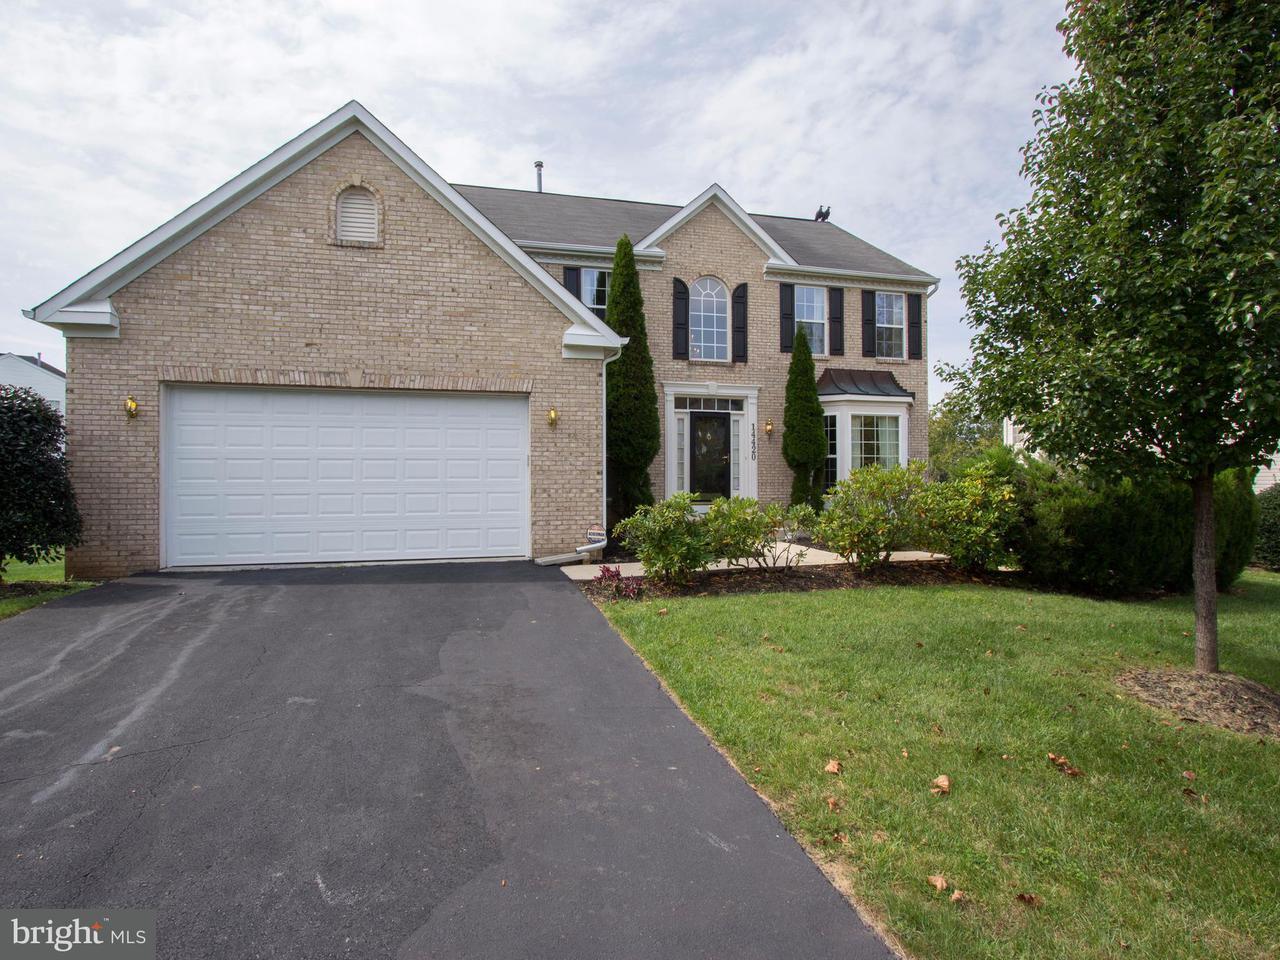 獨棟家庭住宅 為 出售 在 14420 AUTUMN CREST Road 14420 AUTUMN CREST Road Boyds, 馬里蘭州 20841 美國